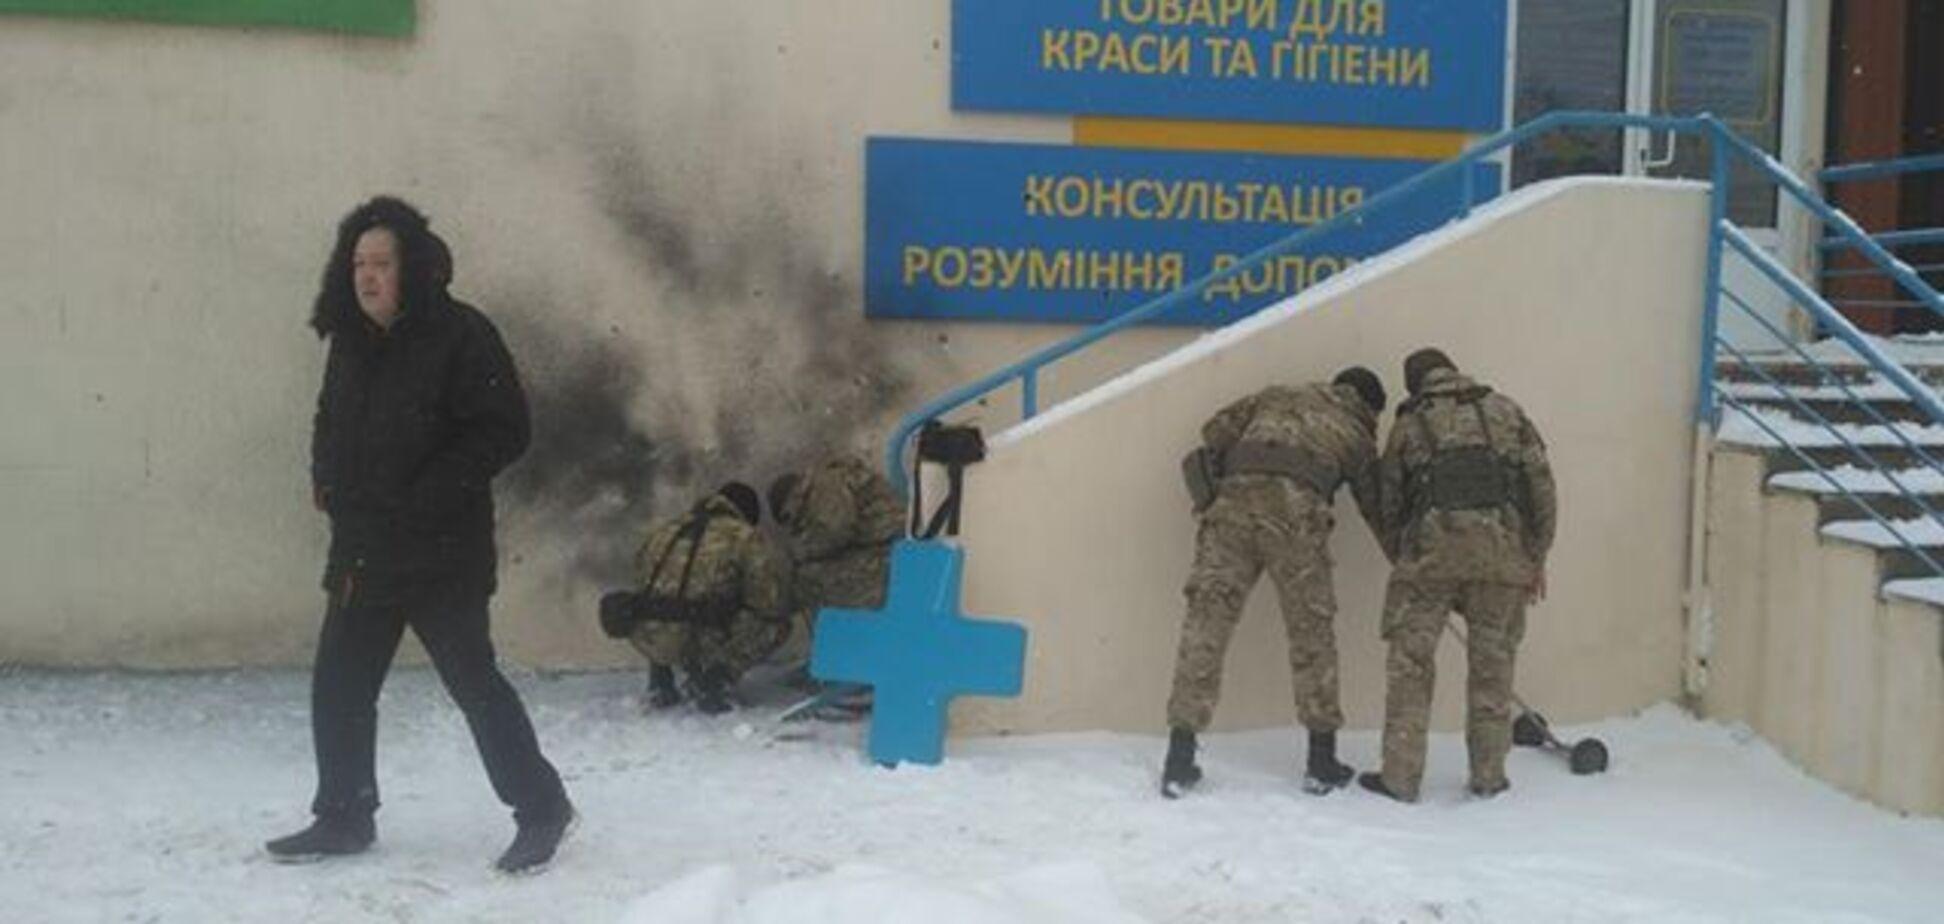 Оторвало пальцы: появились жуткие детали взрыва в Харькове